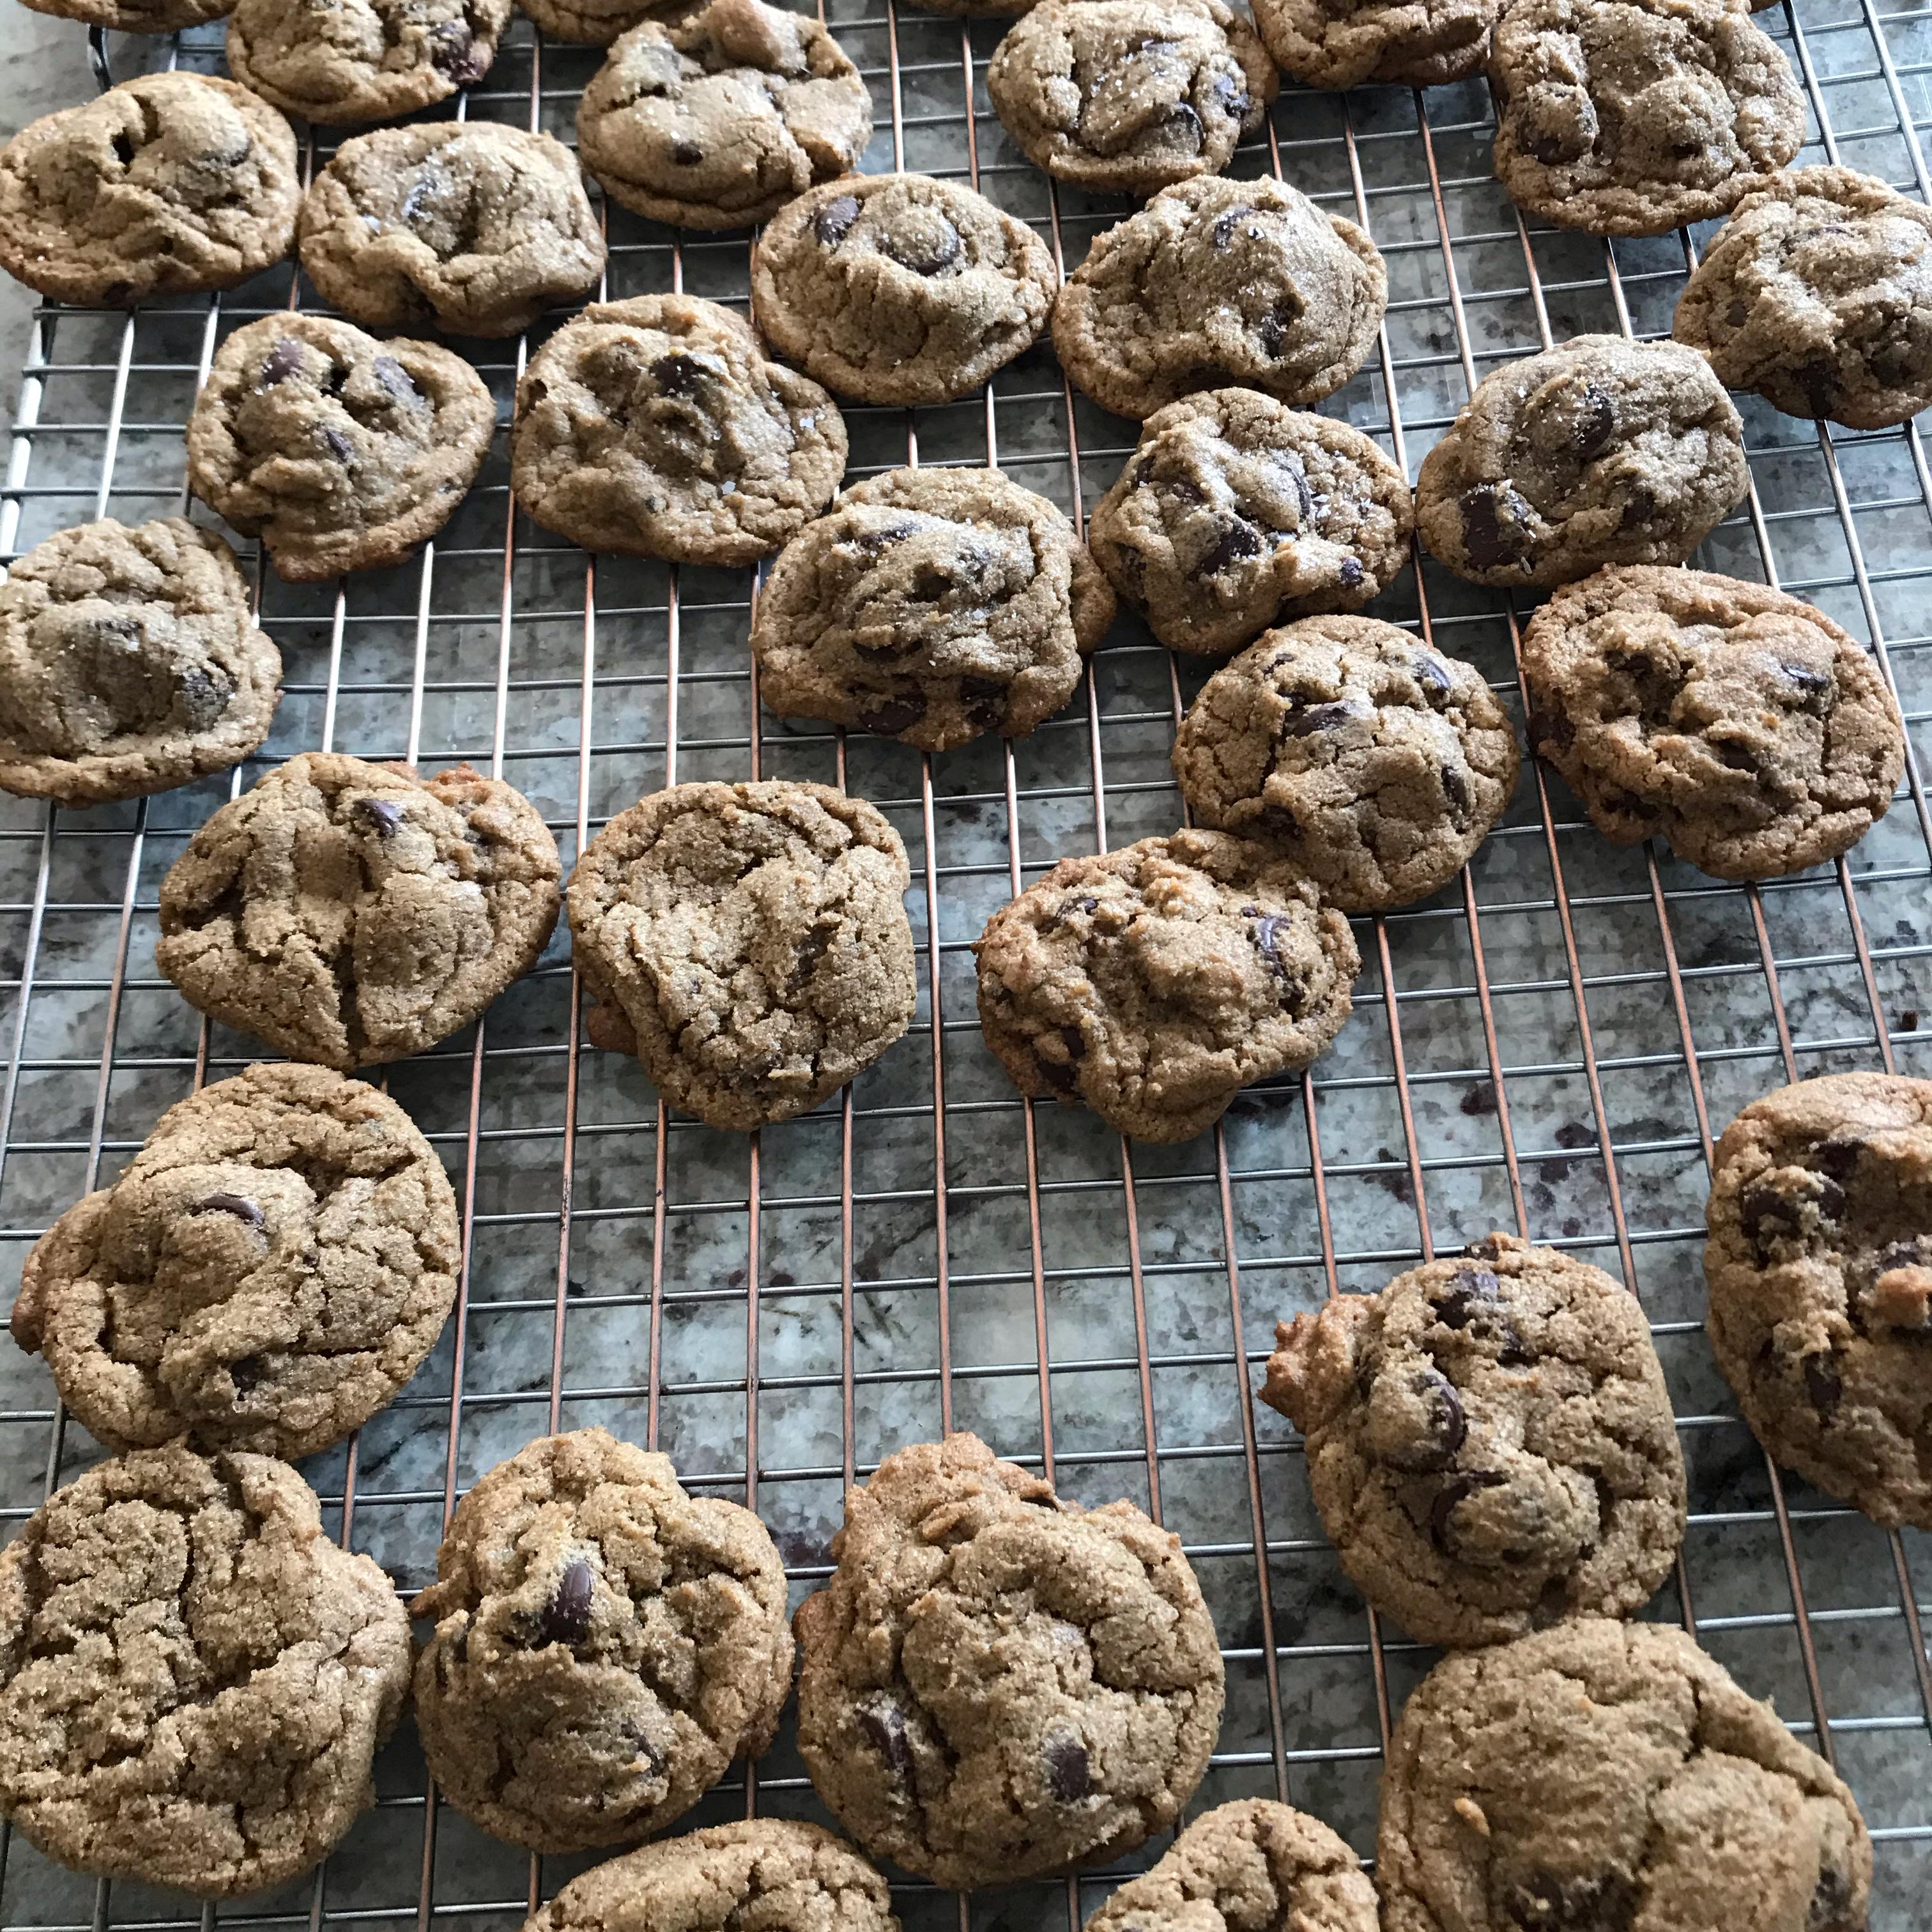 Rye Chocolate Chip Cookies briankane73